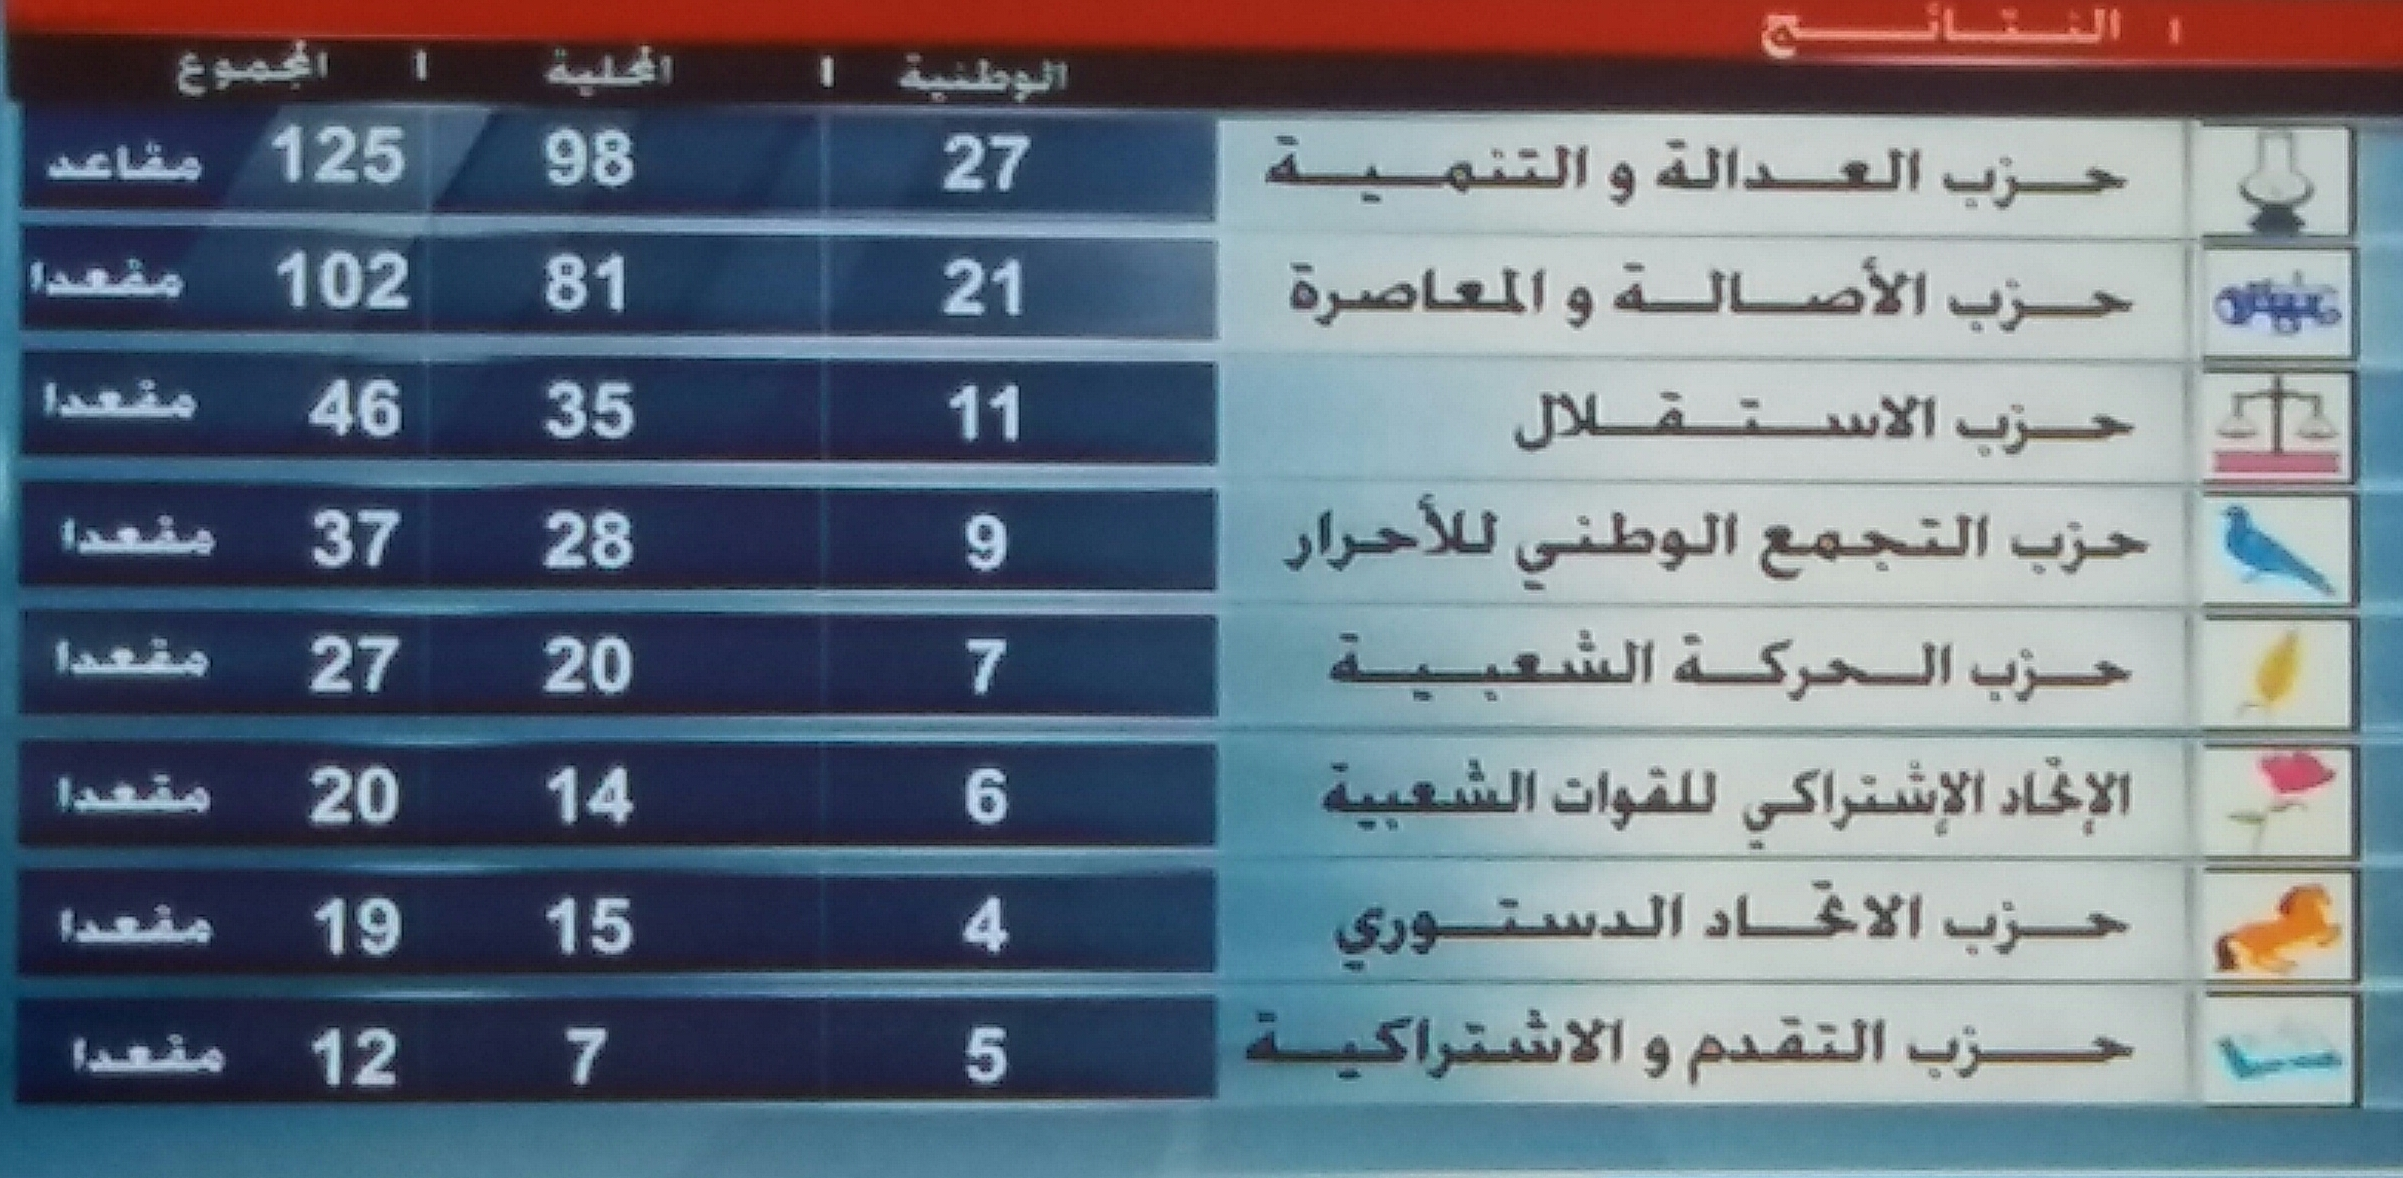 """وزارة الداخلية: """"المصباح"""" يفوز بـ125 مقعدا في انتخابات 7 أكتوبر"""